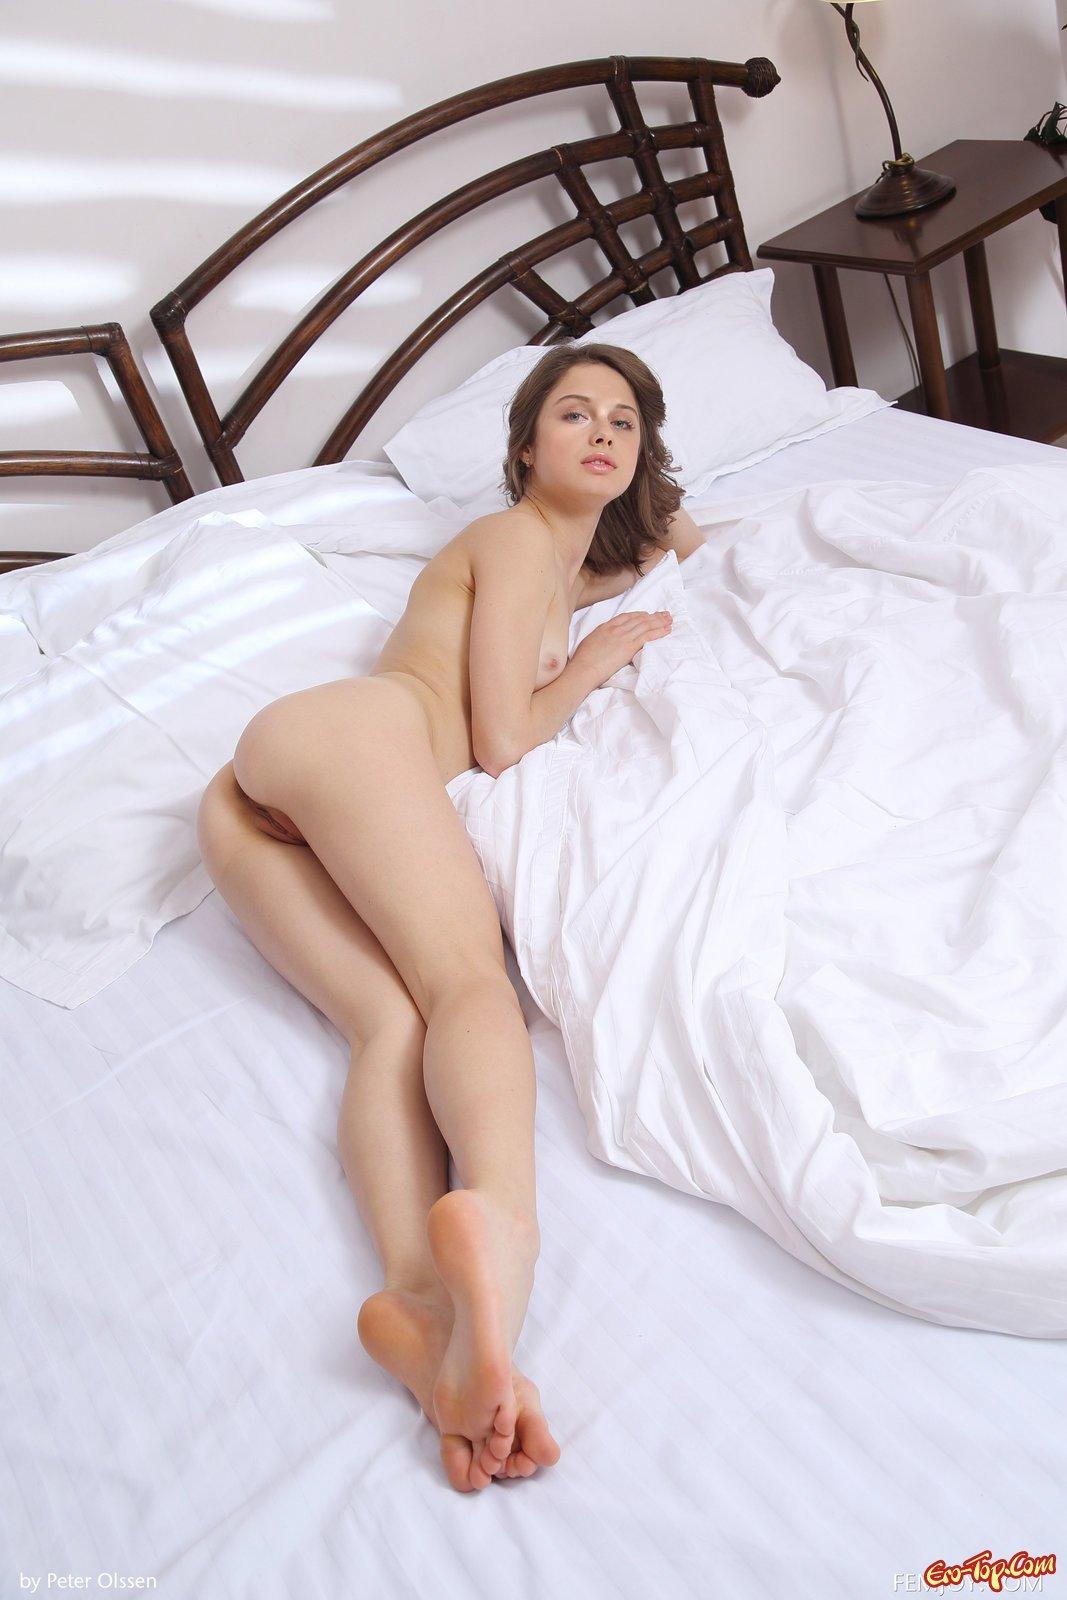 Обнаженная красотка в кровати